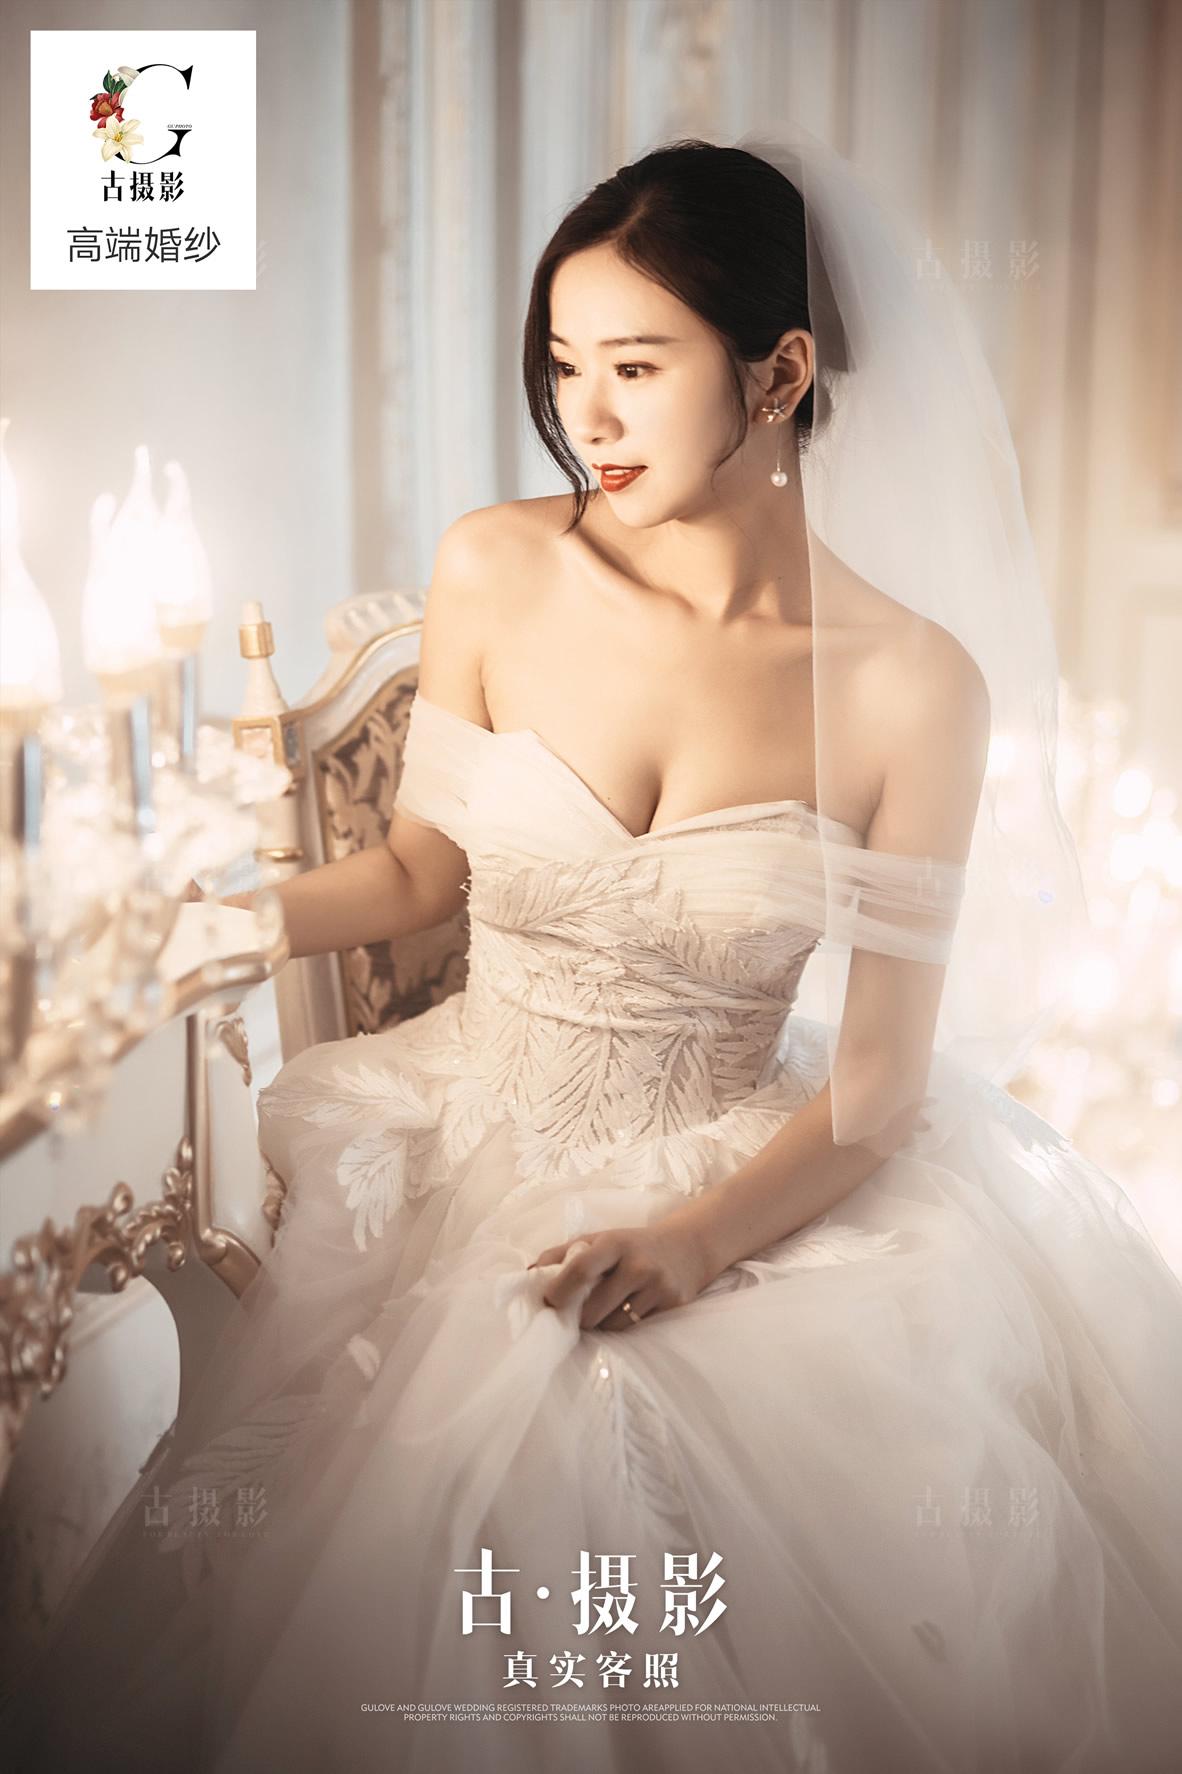 1月9日客片姚先生 夏小姐 - 每日客照 - 古摄影婚纱艺术-古摄影成都婚纱摄影艺术摄影网